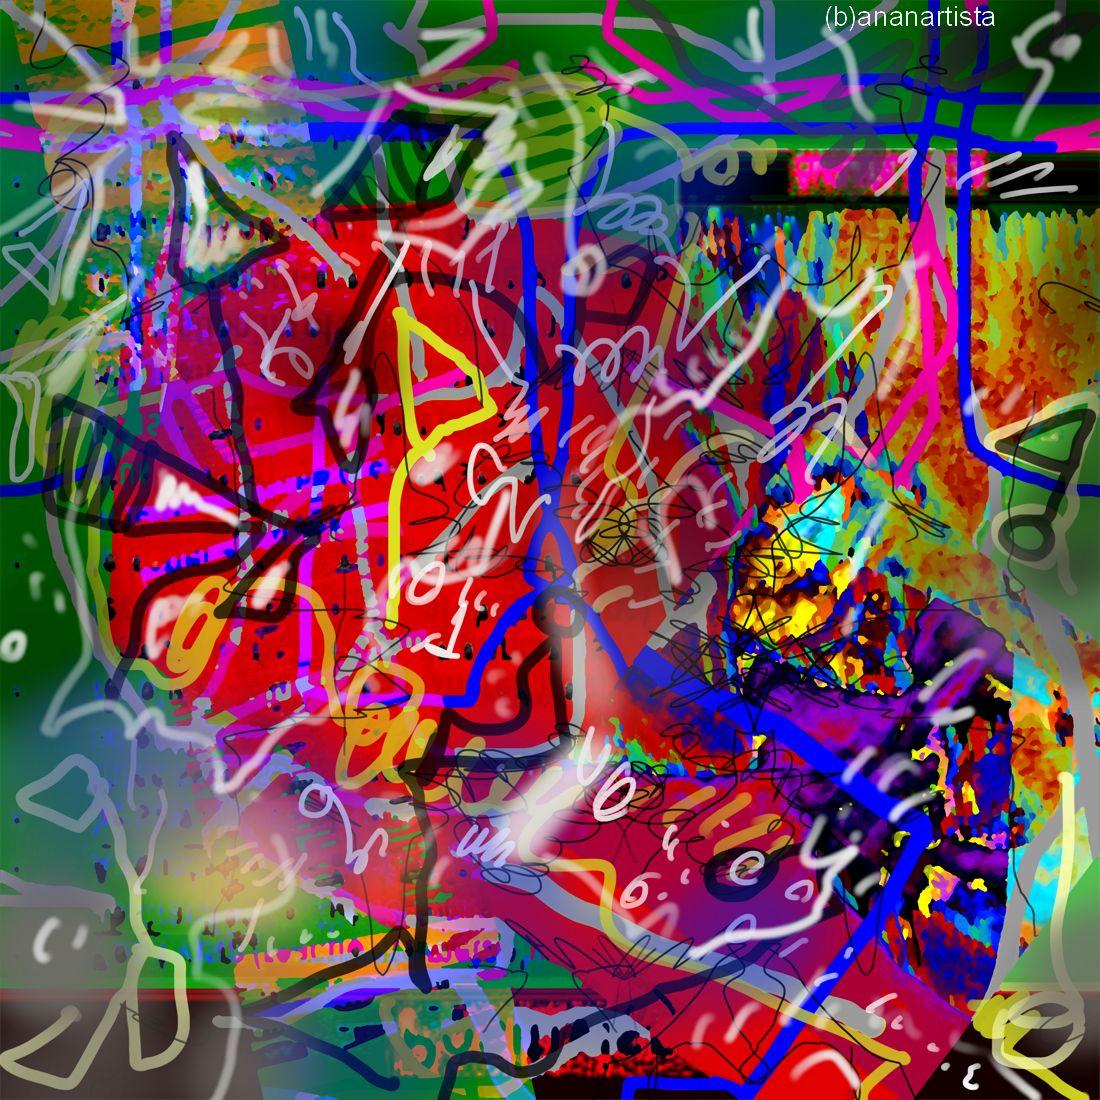 positivismo: digital art by (b)ananartista sbuff